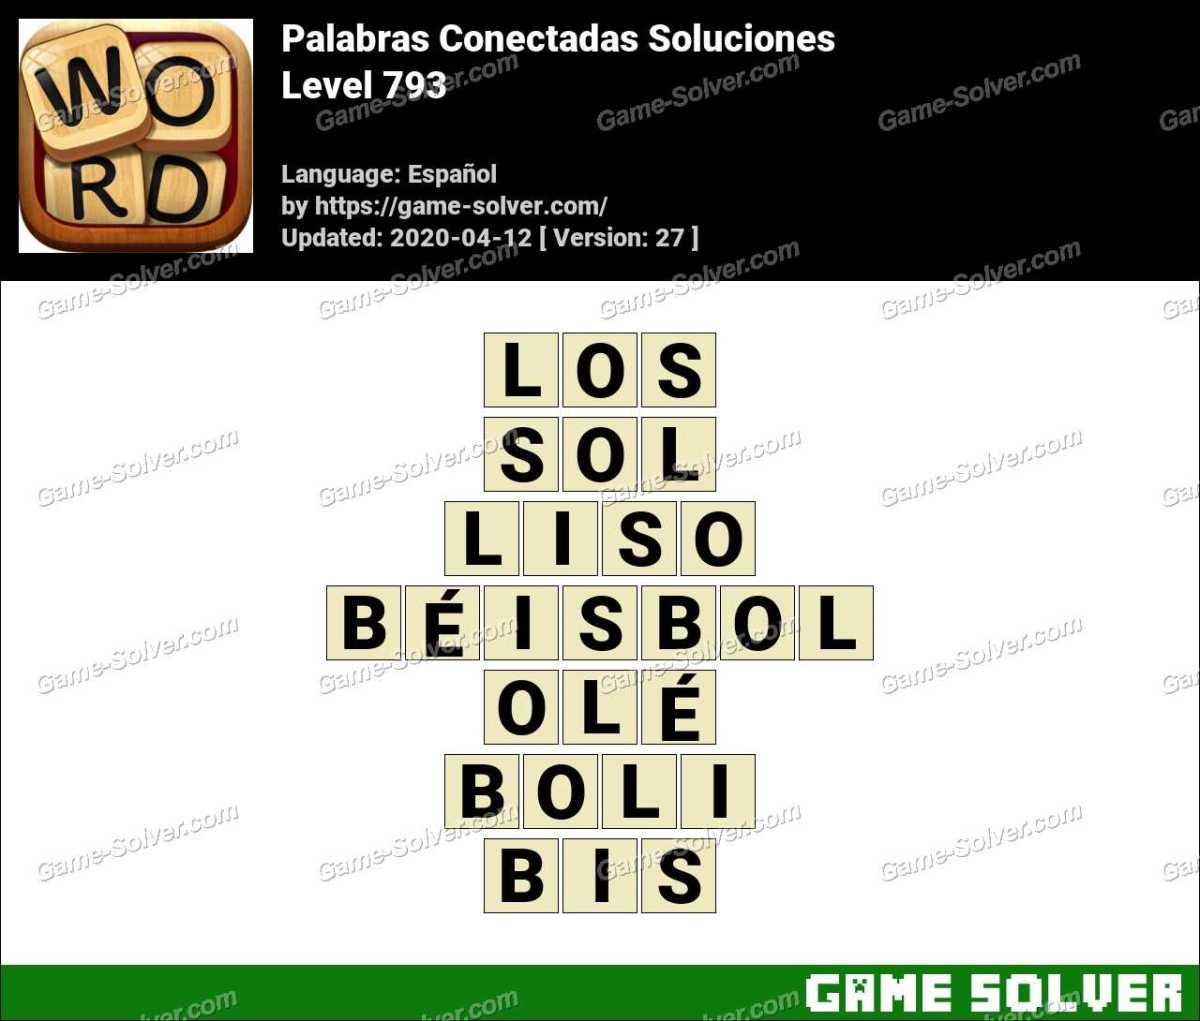 Palabras Conectadas Nivel 793 Soluciones